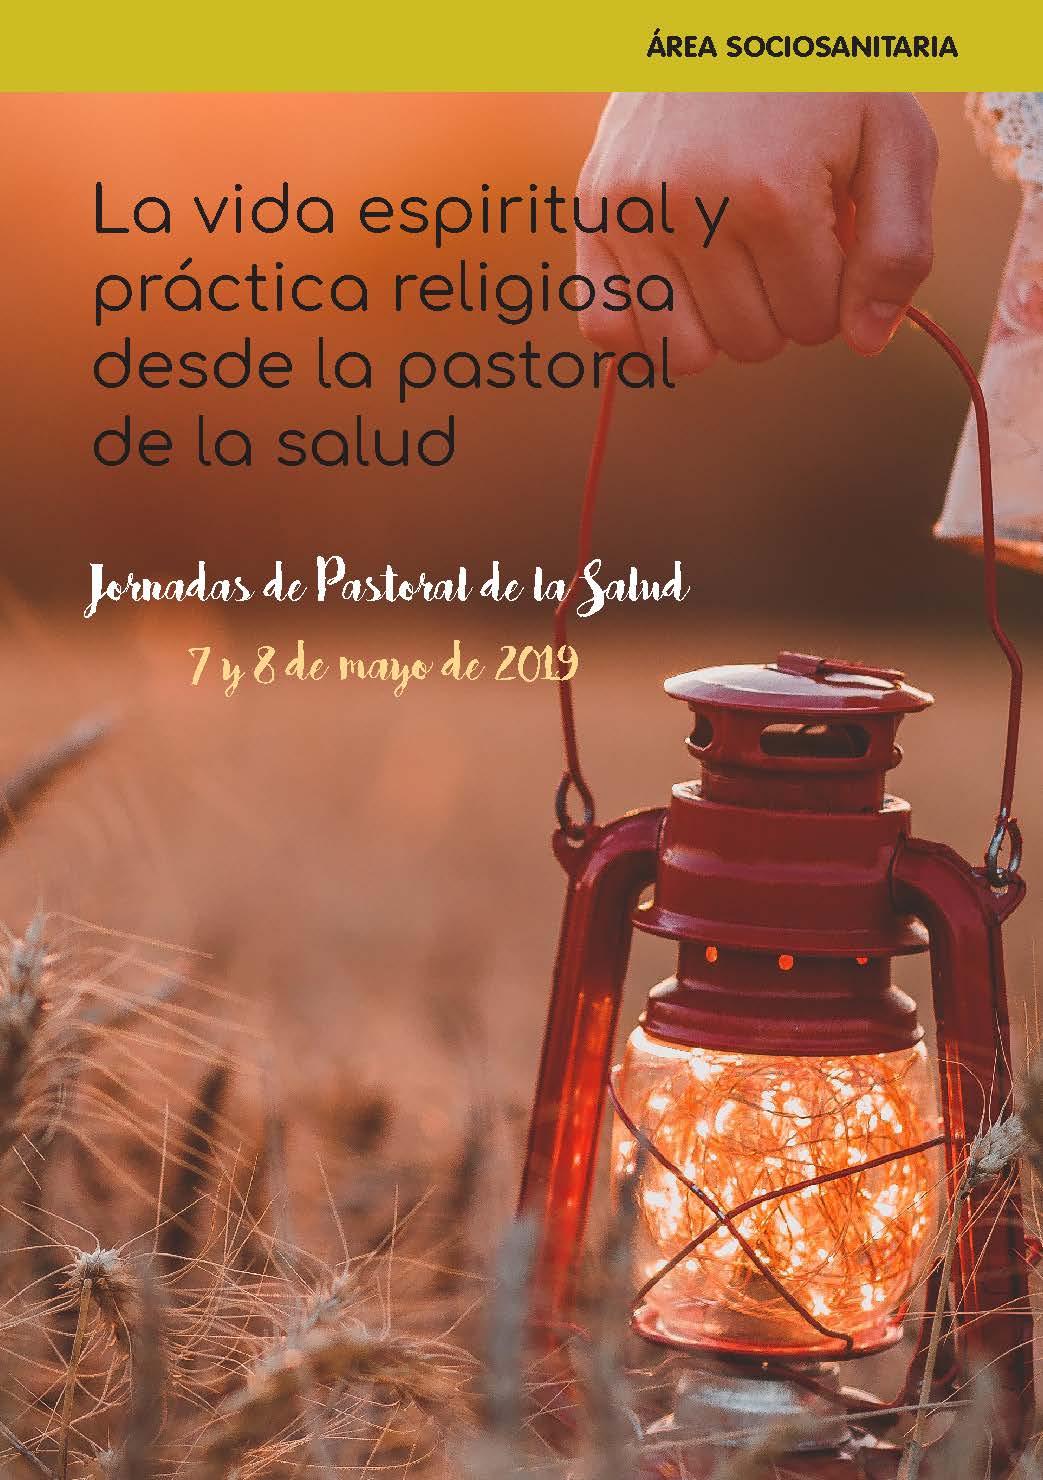 LA VIDA ESPIRITUAL Y LA PRACTICA RELIGIOSA DESDE LA PASTORAL DE LA SALUD